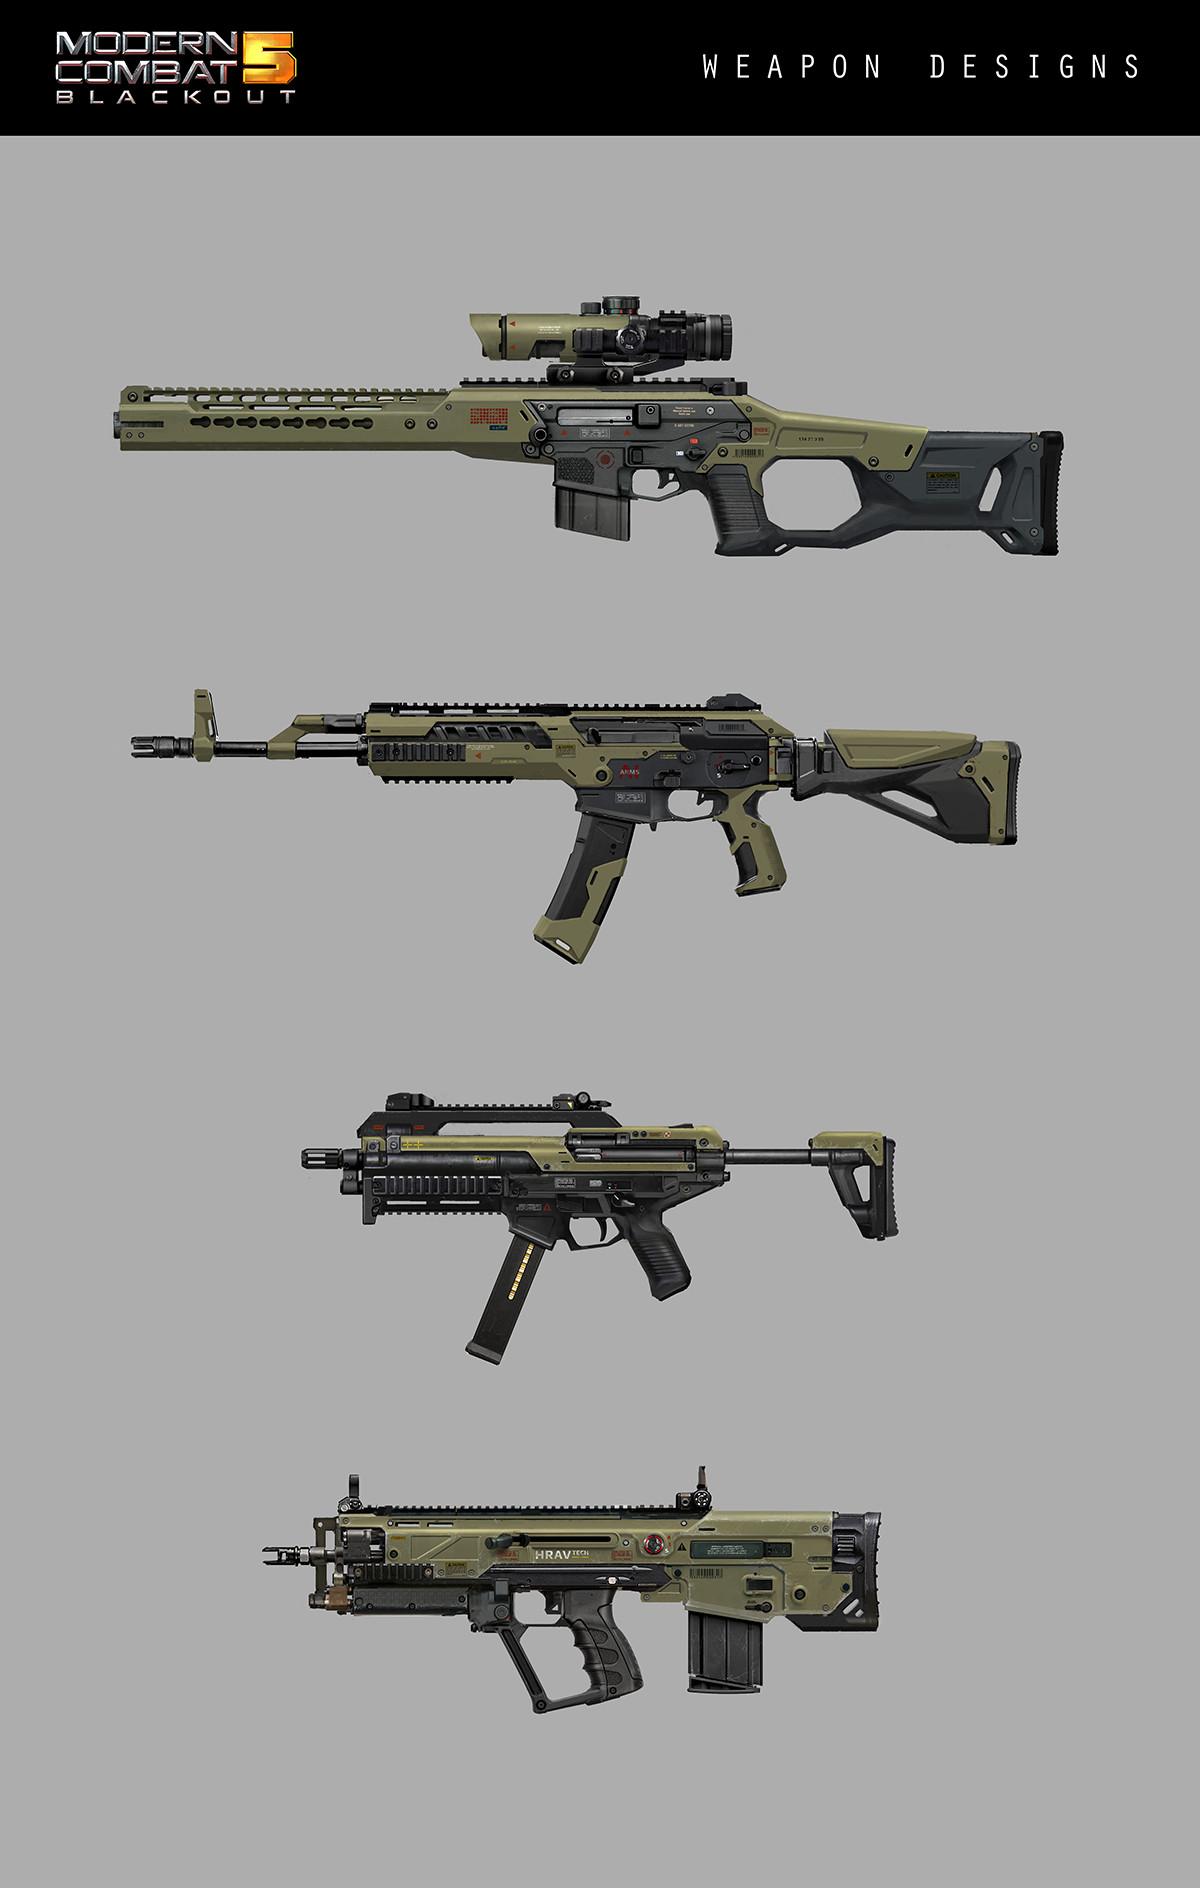 Alex ichim weapon designs